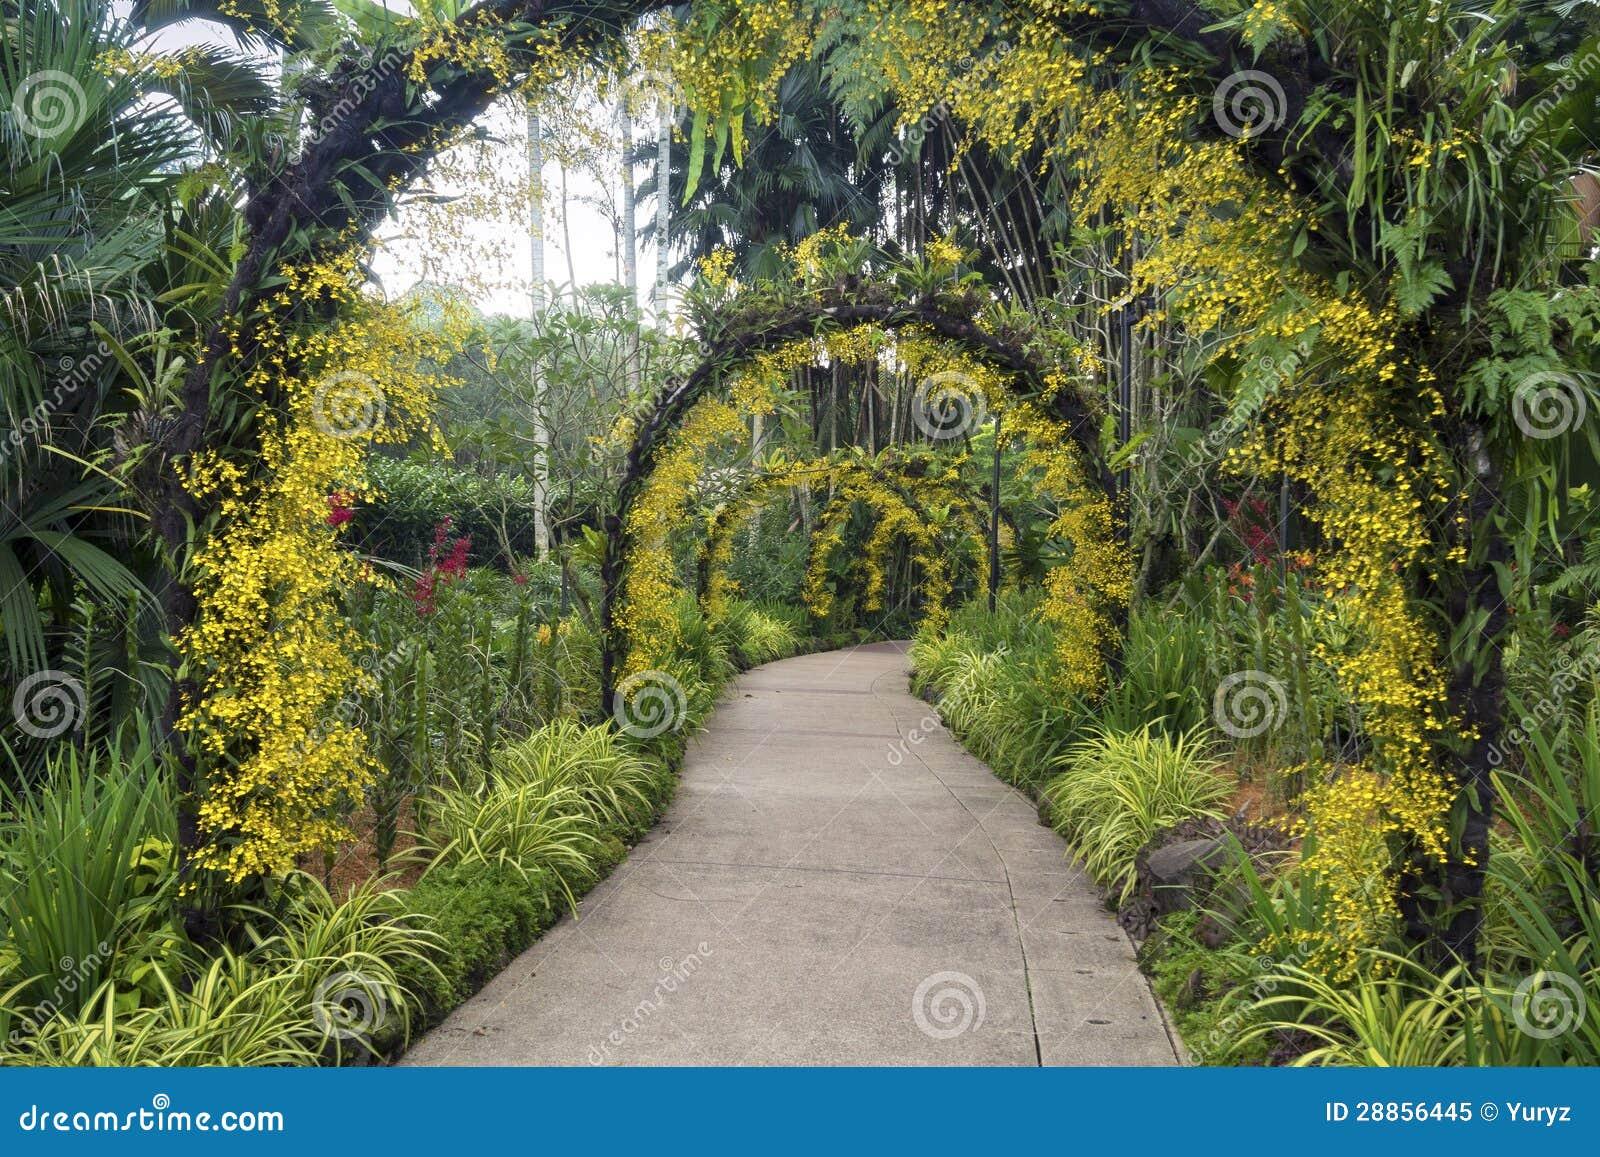 Jardin botanique singapour photo libre de droits image for Jardin botanique singapour